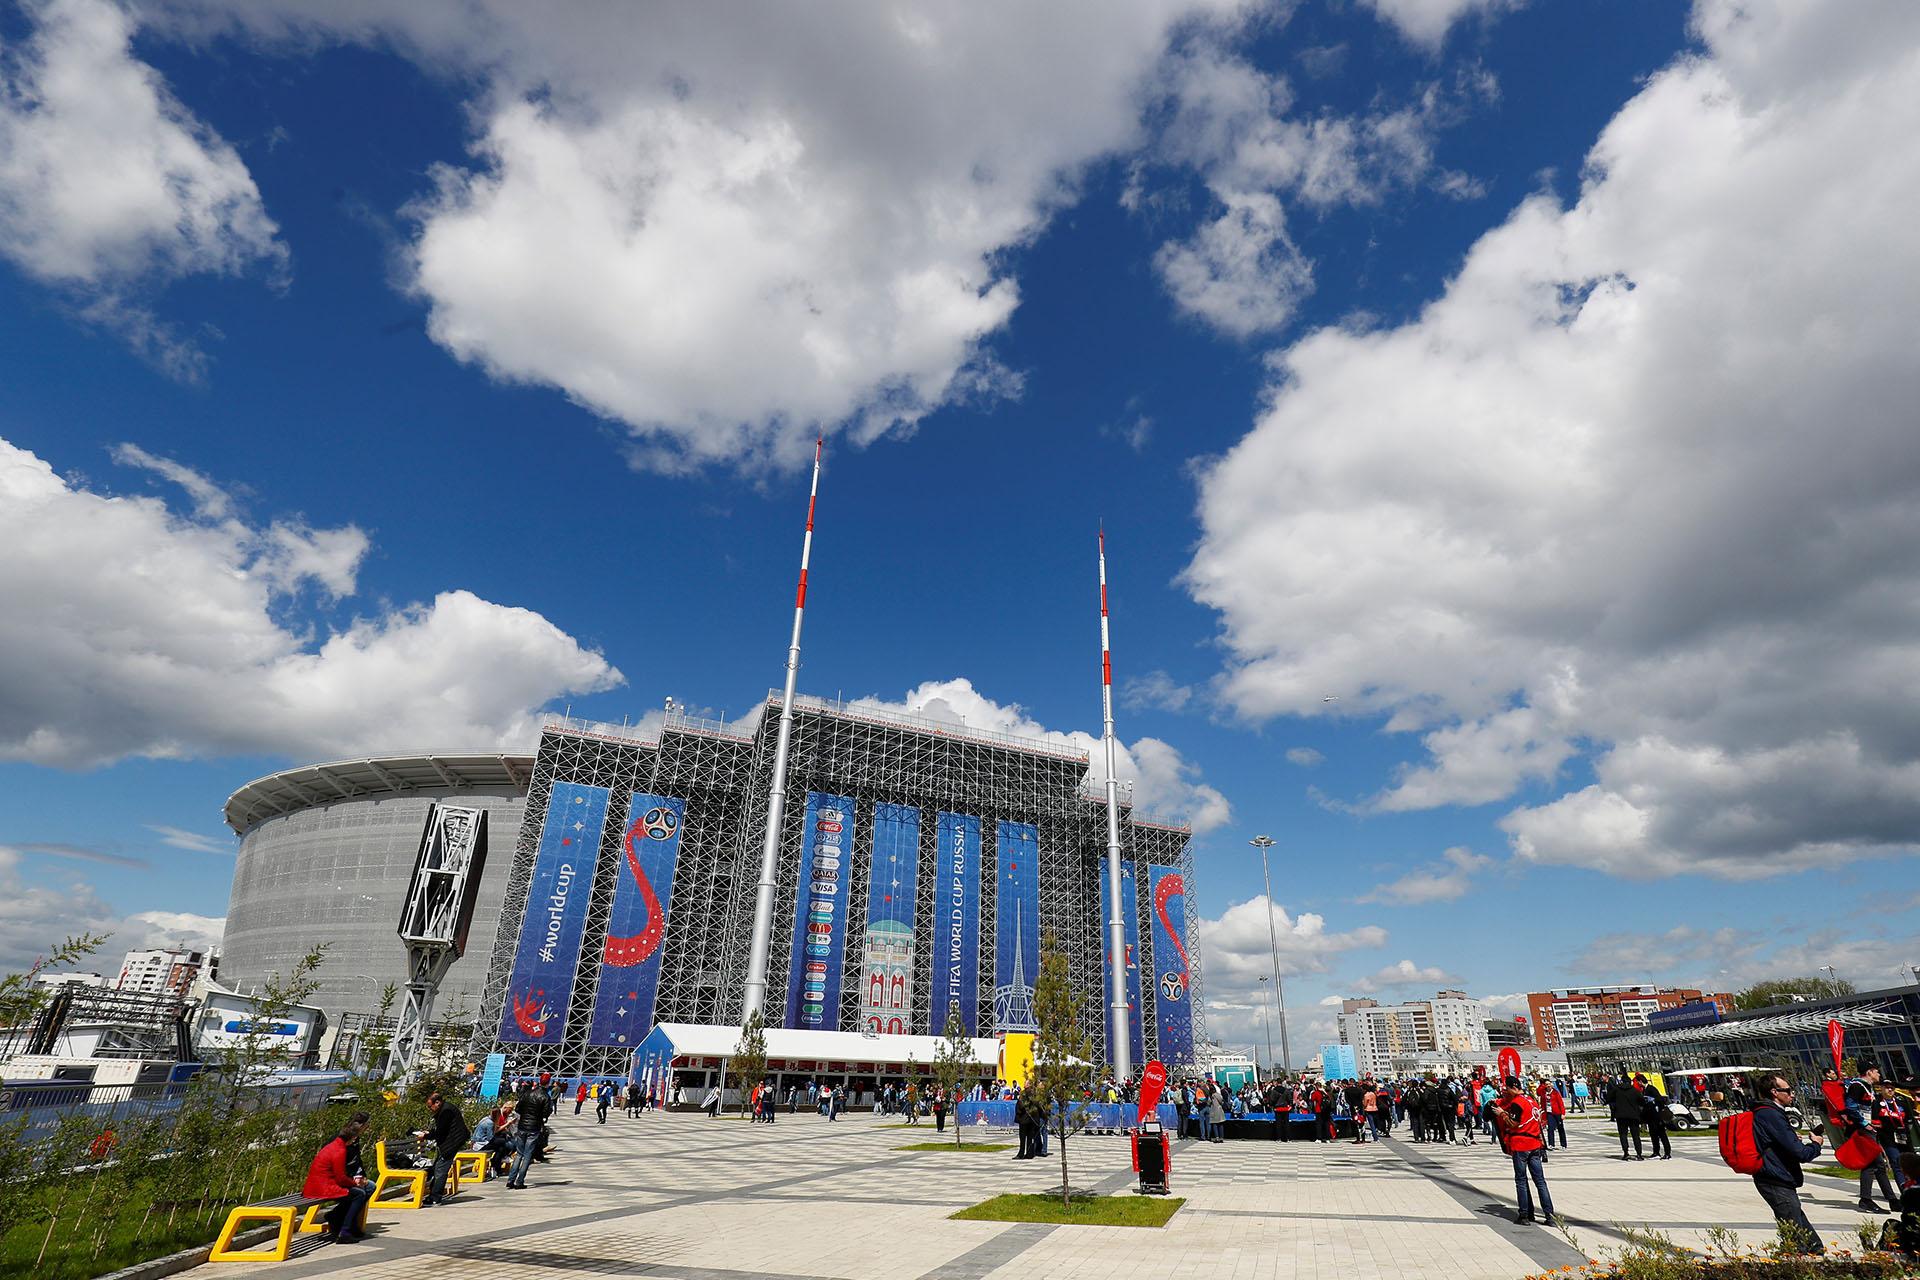 El Ekaterinburg Arena, de Yekaterinburg, Russiaalberga el segundo partido del mundial